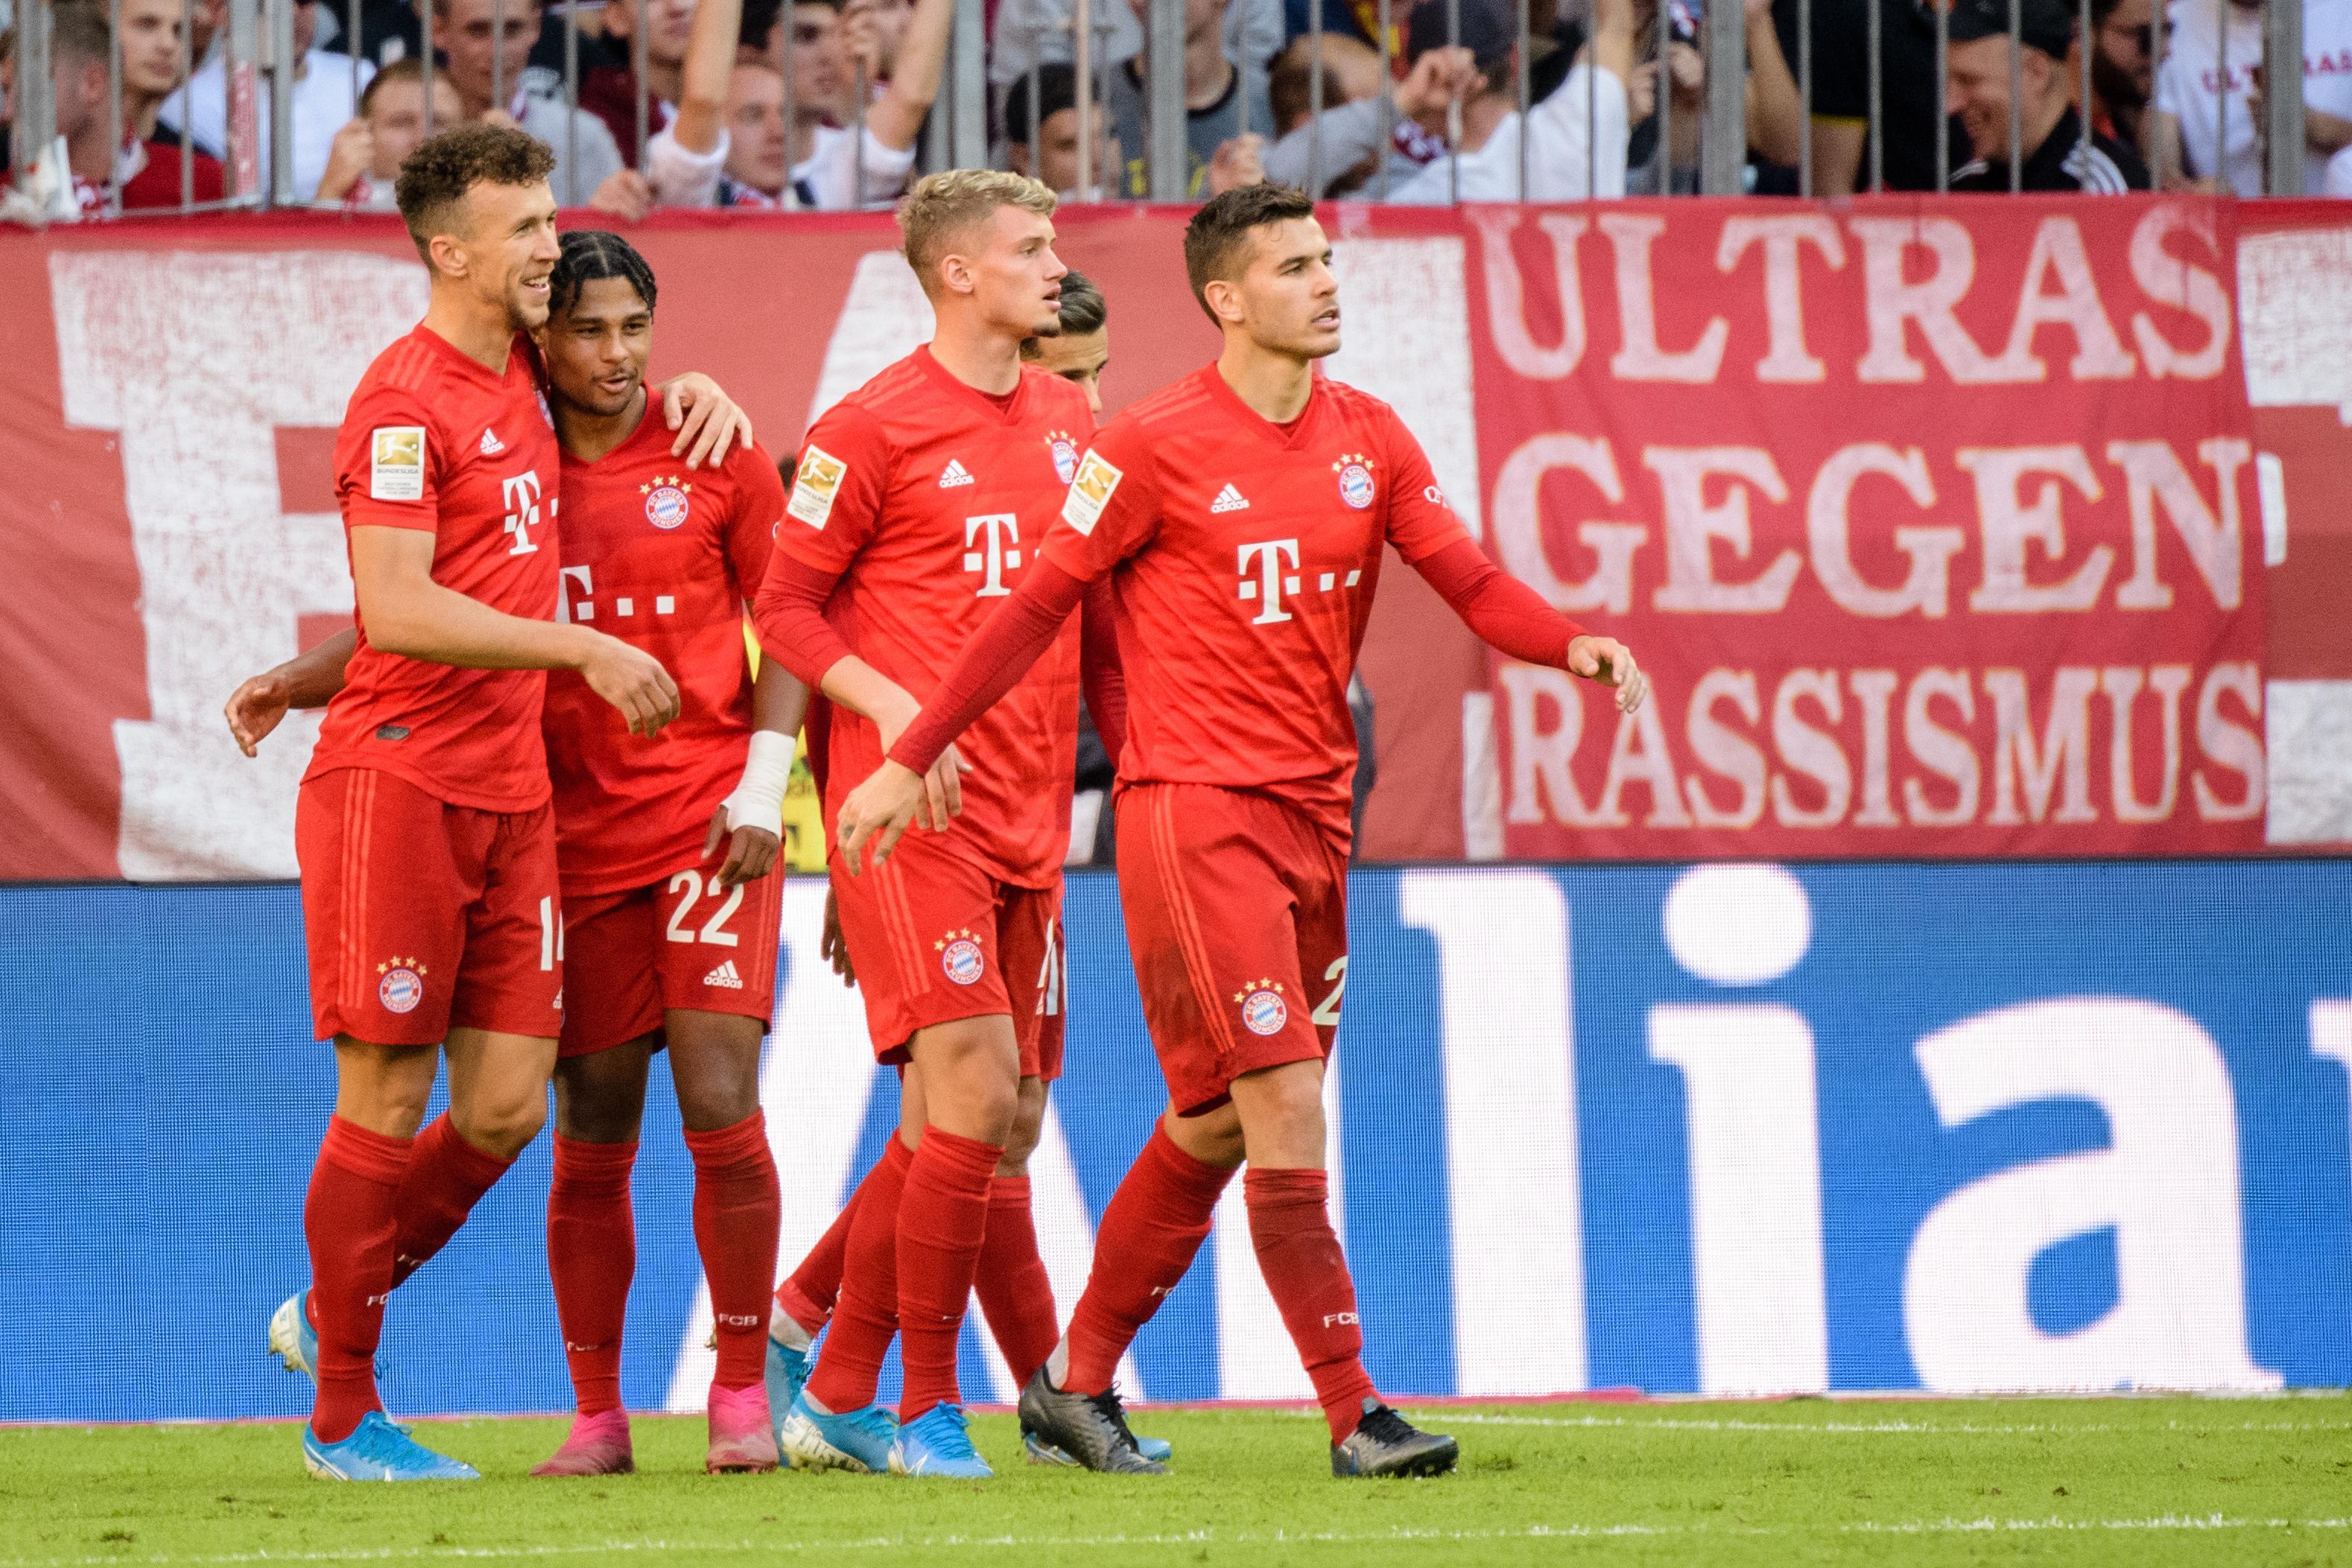 Der Franzose Michael Cuisance (2. v. r.) setzte sich noch nicht entscheidend beim FC Bayern durch.